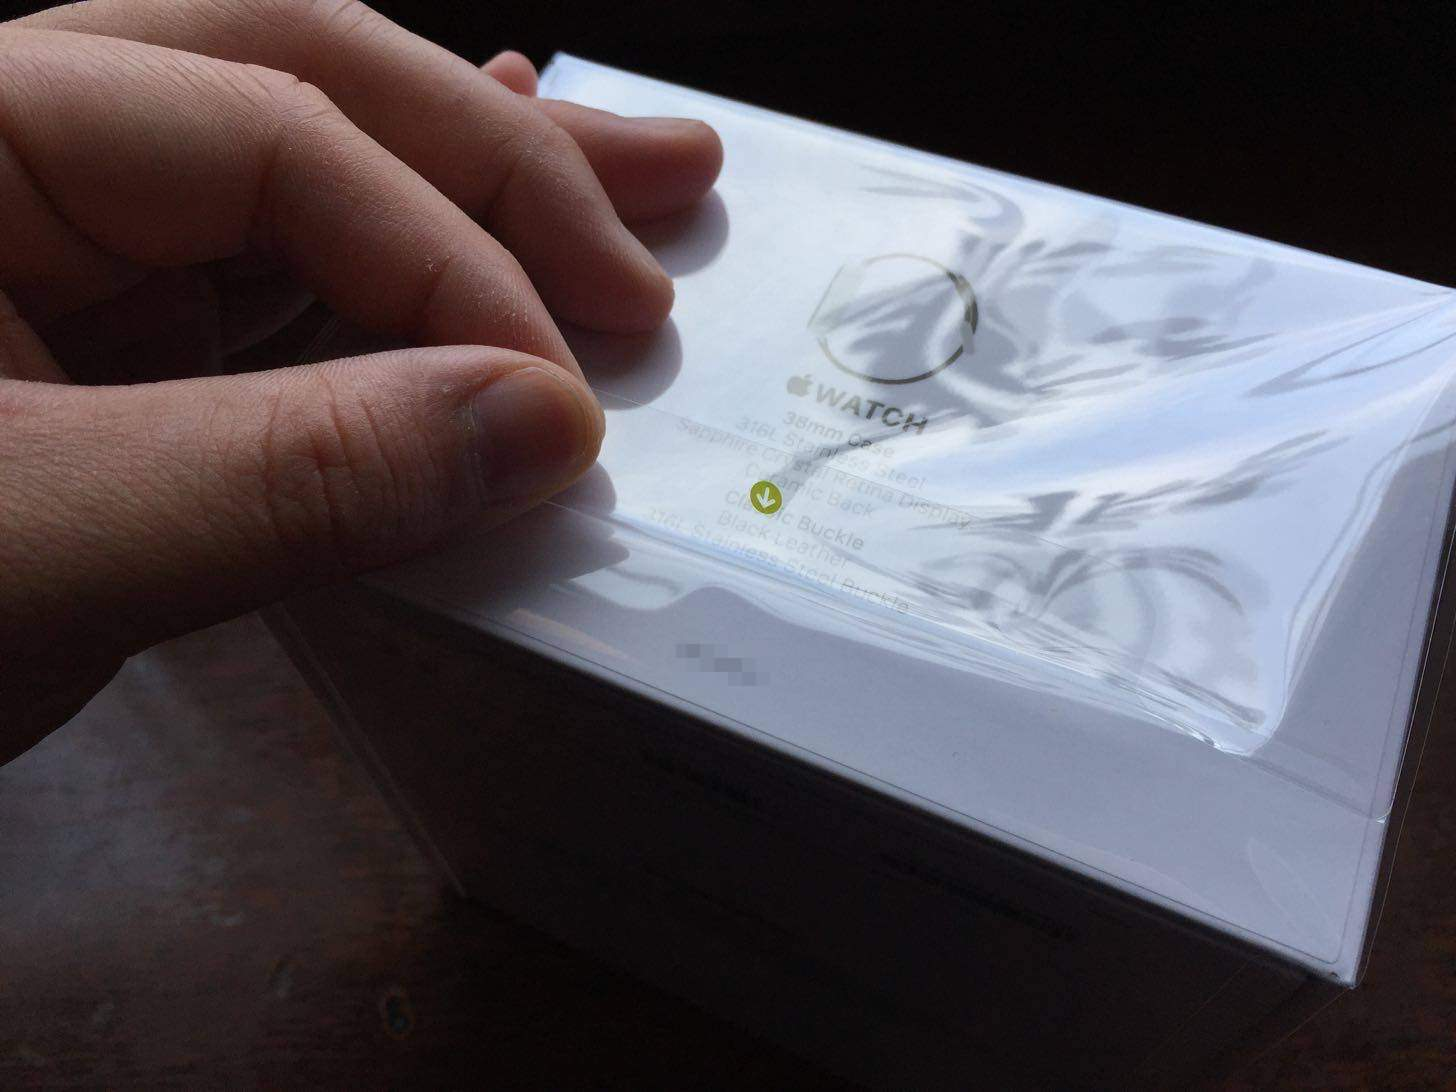 Apple Watchのフィルム